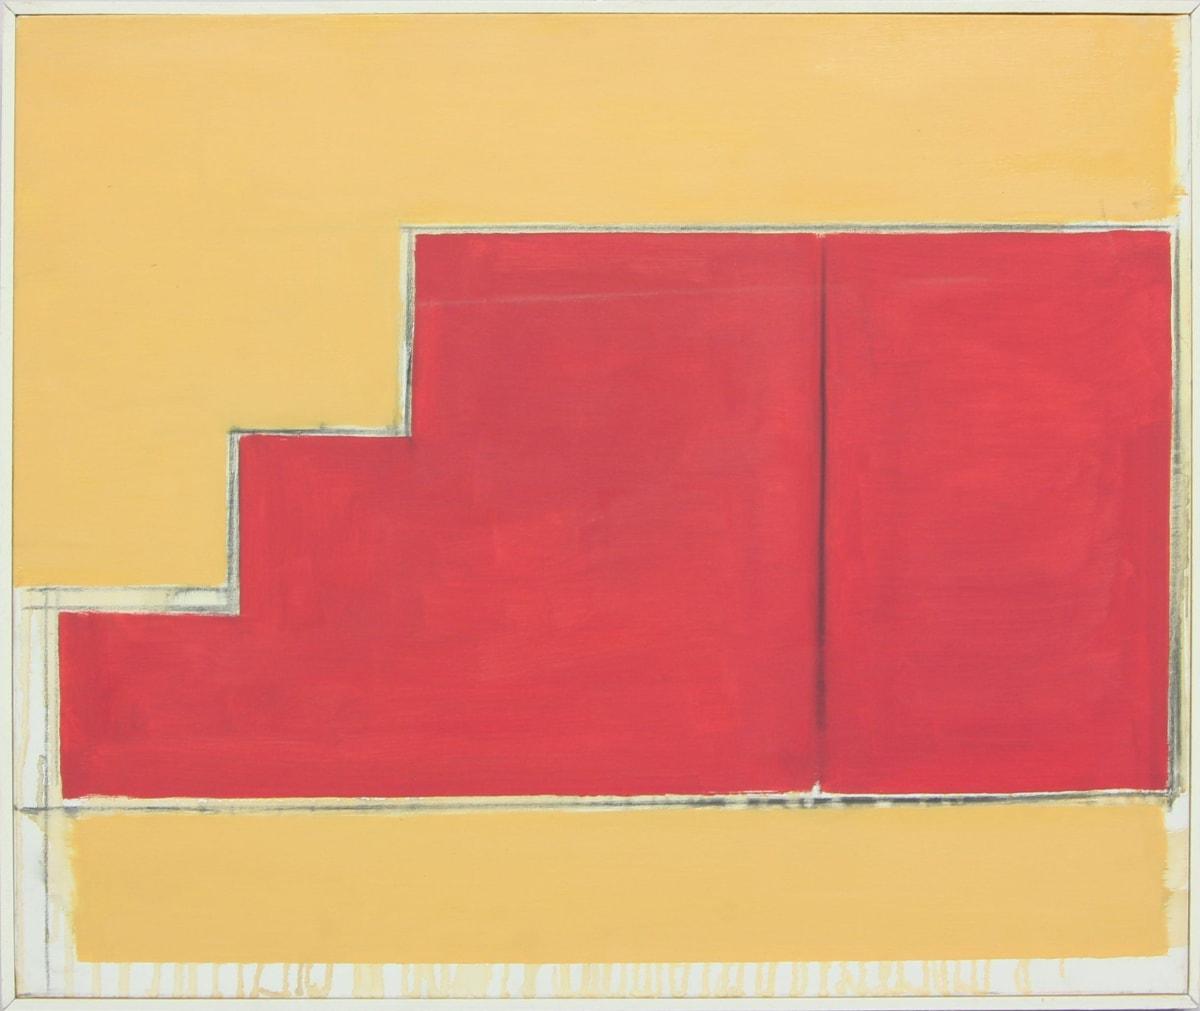 Antonio Freiles SENZA TITOLO, 2013 Oil on canvas. 50 x 60 cm (19.7 x 23.6 in)